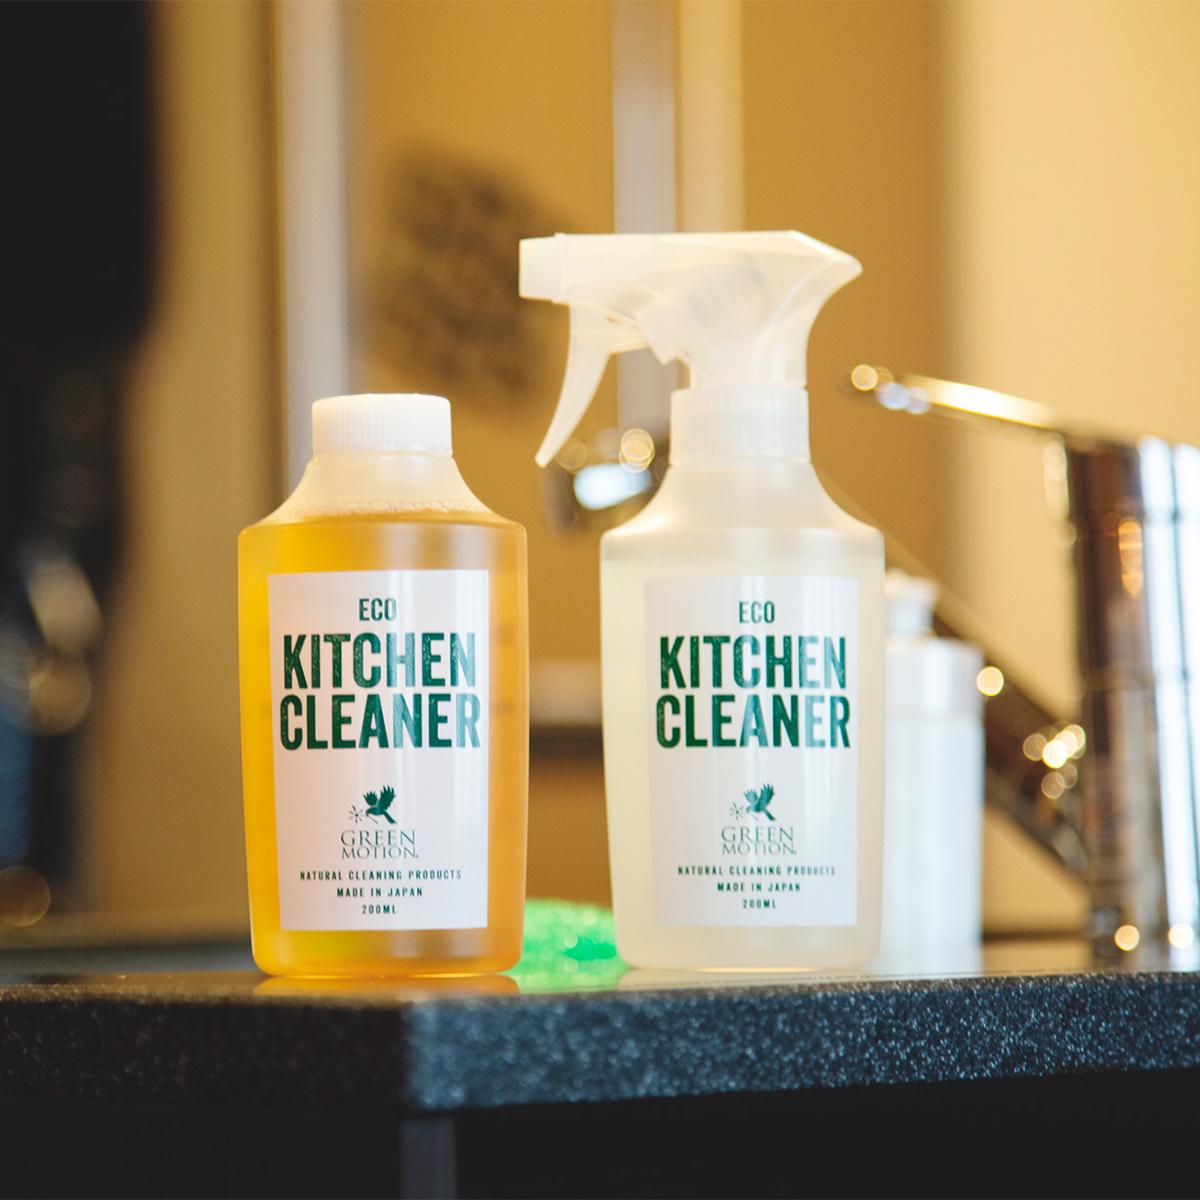 油汚れを100%分解してサラサラに。洗剤なのに、スプレーして拭くだけ!ヒバ精油配合で除菌・消臭もできる「エコキッチンクリーナー」|GREEN MOTION